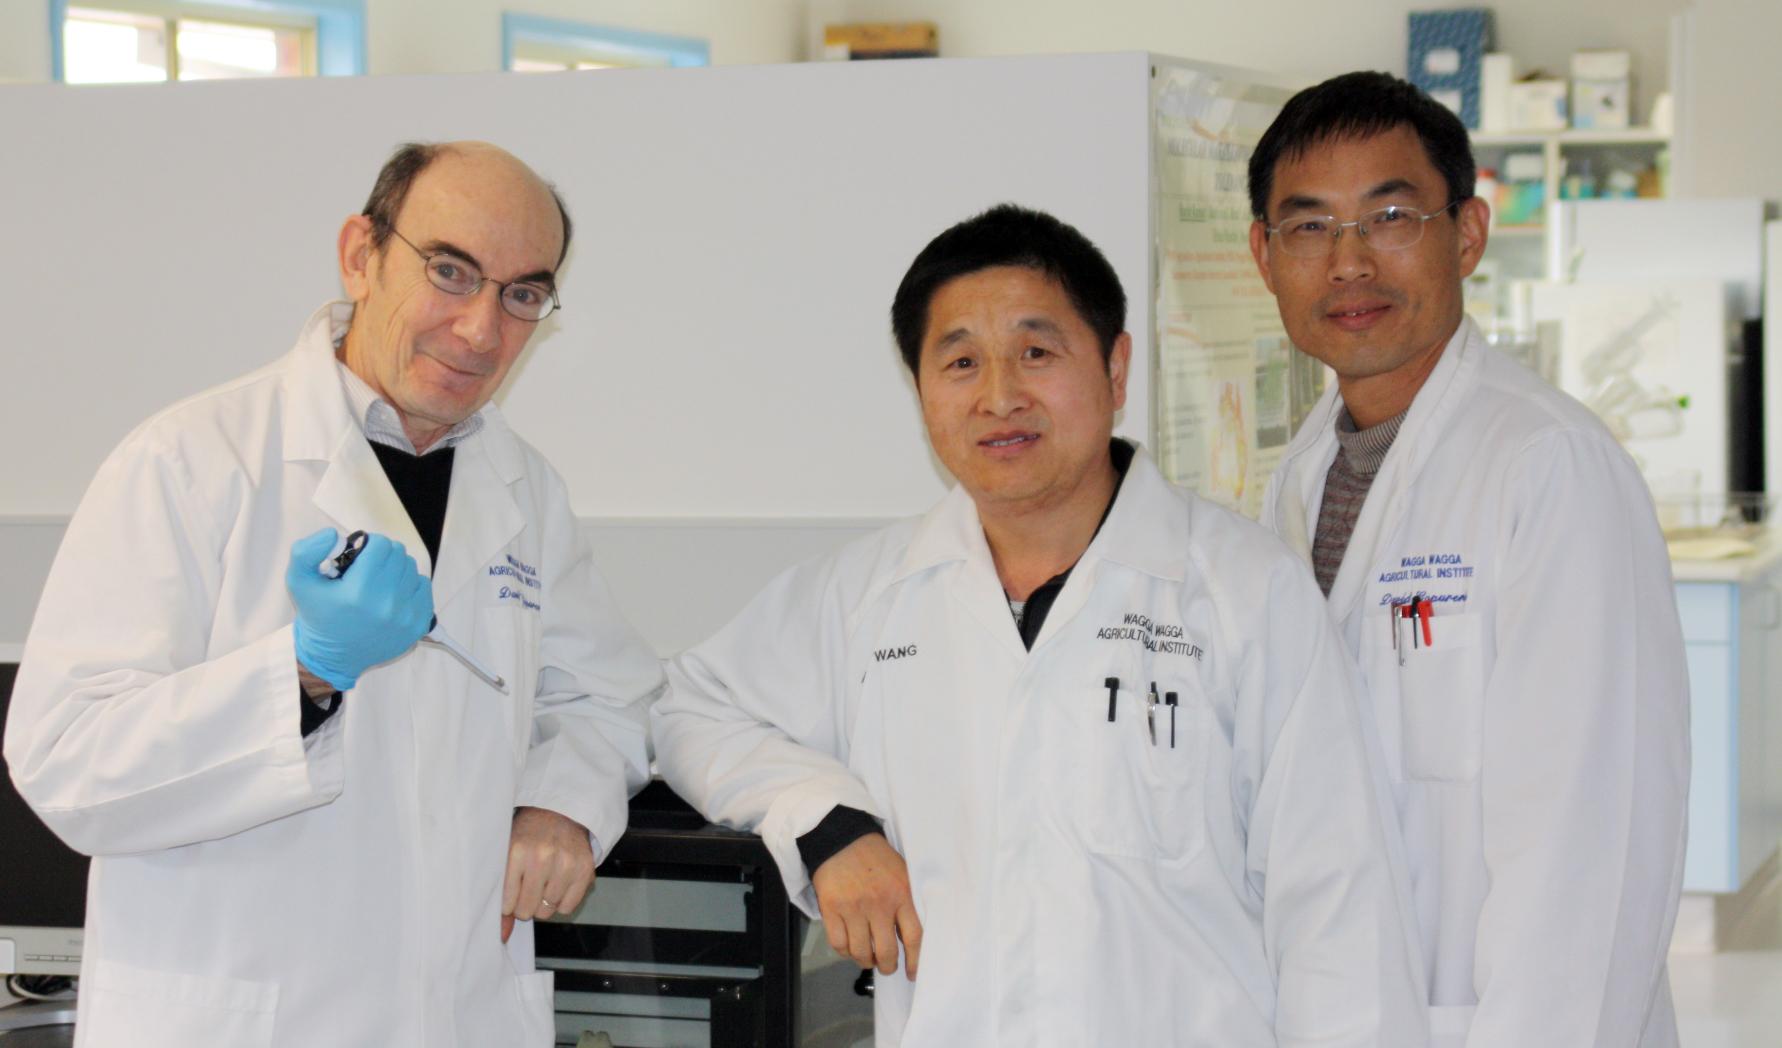 David Gopurenko, Aisuo Wang and Hanwen Wu